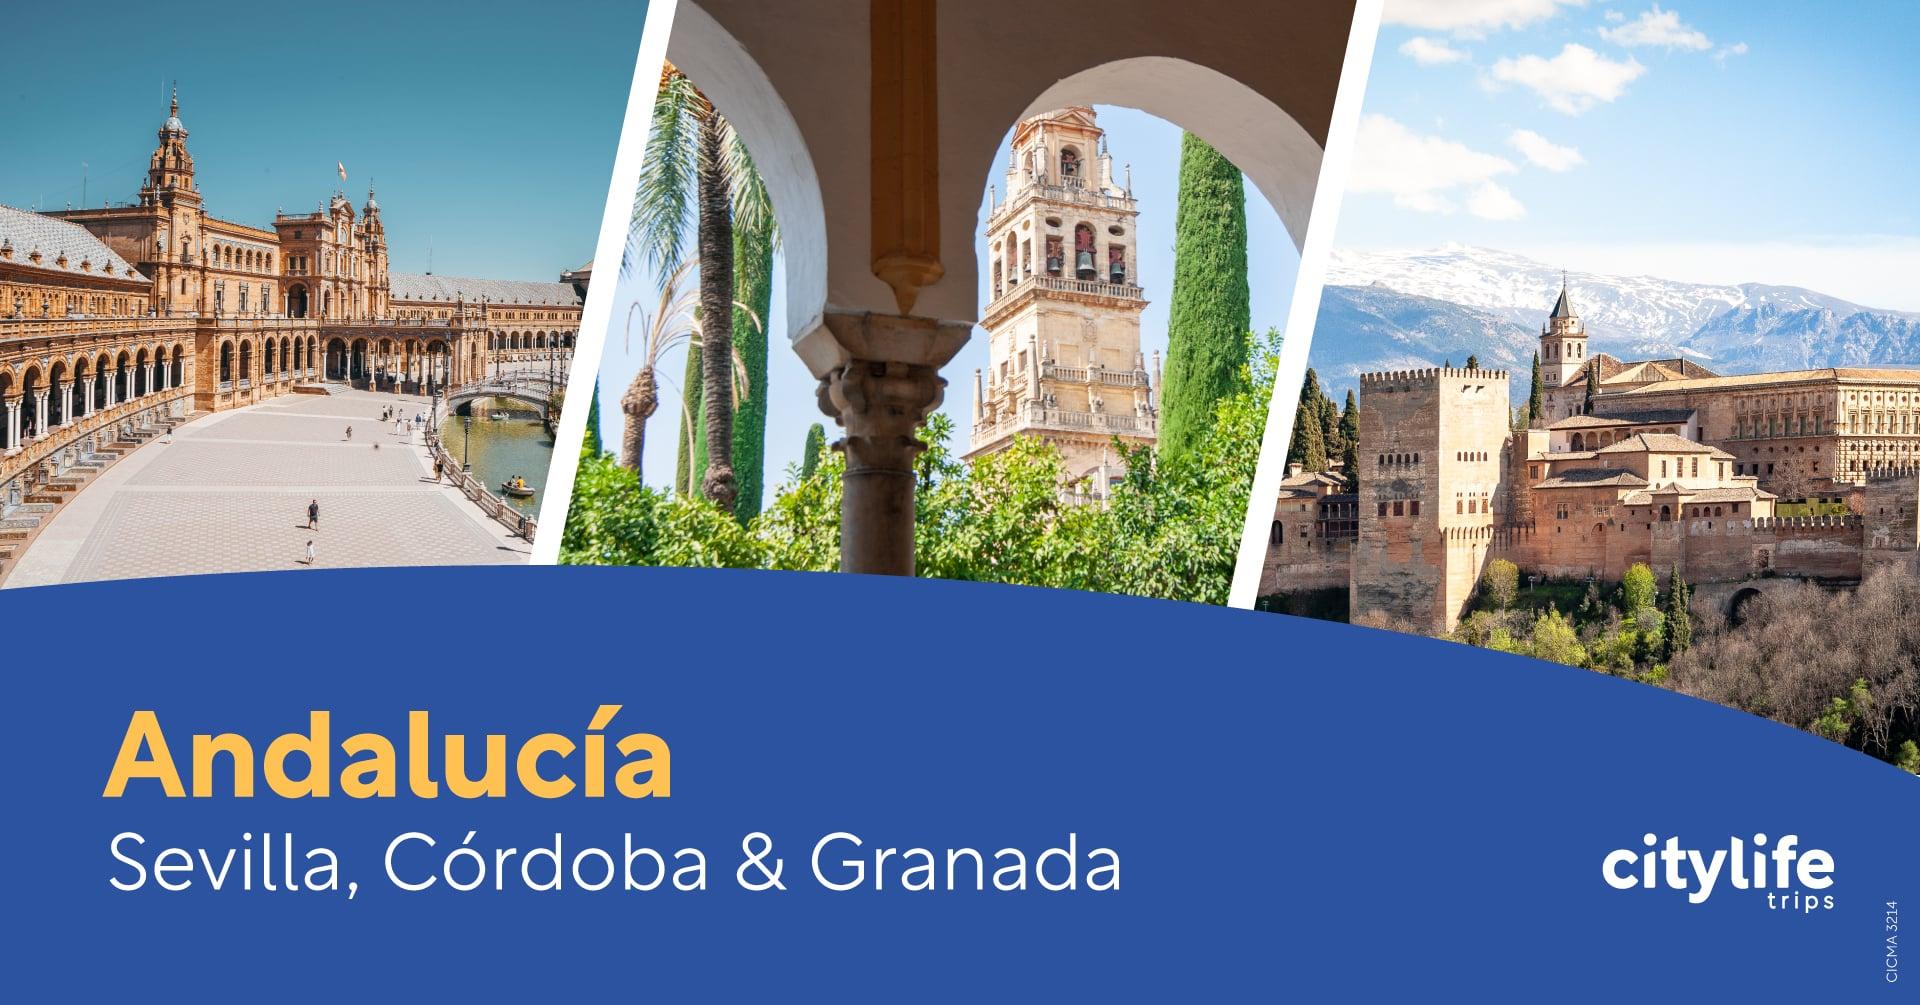 fb-event-andalucia-sevilla-cordoba-granada-flamenco